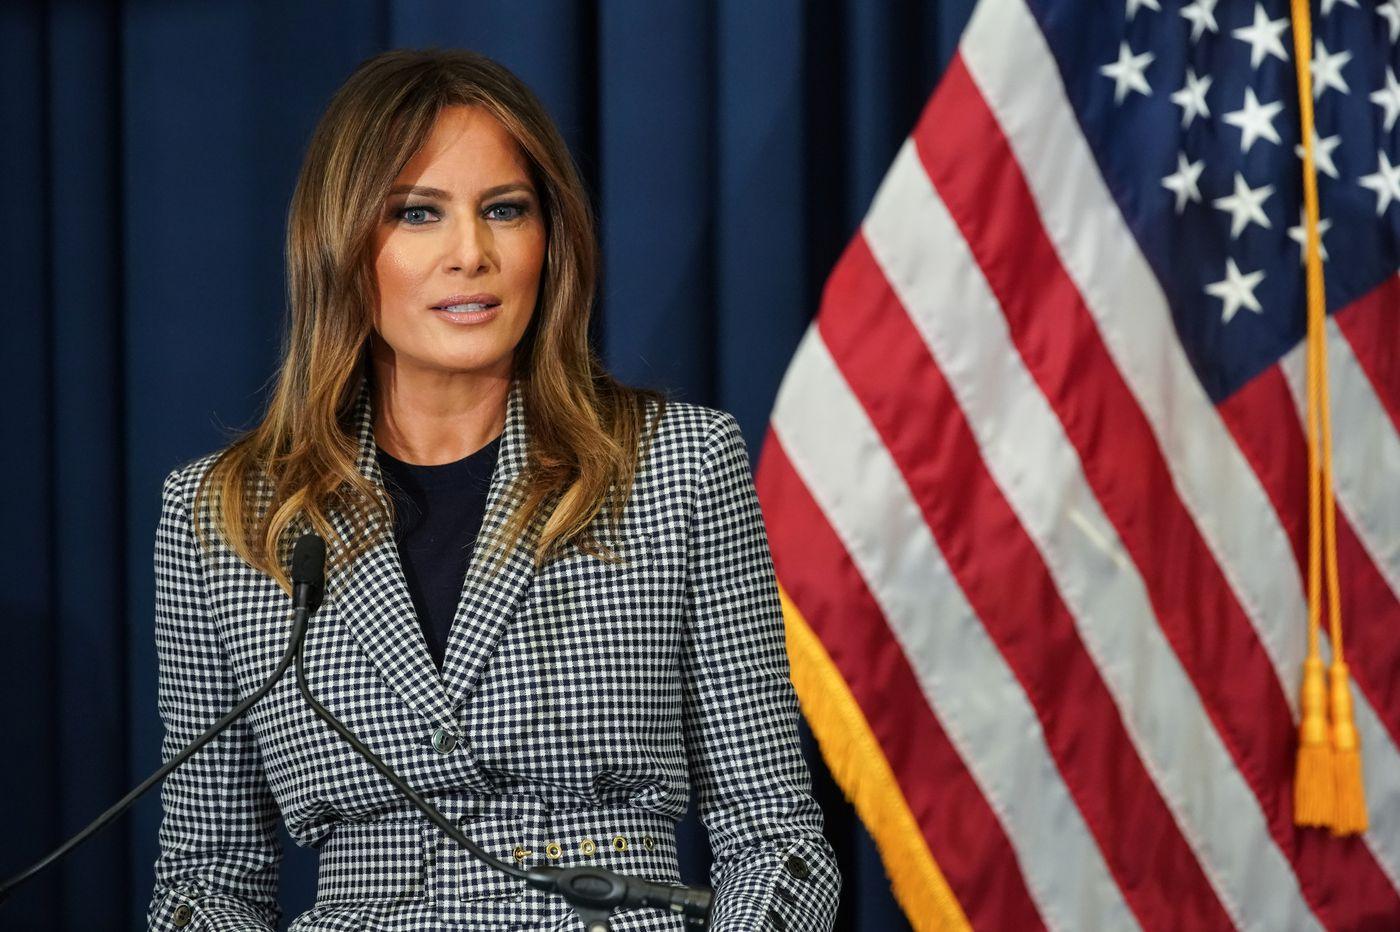 Smoke forces first lady Melania Trump's plane to turn around en route to Philadelphia